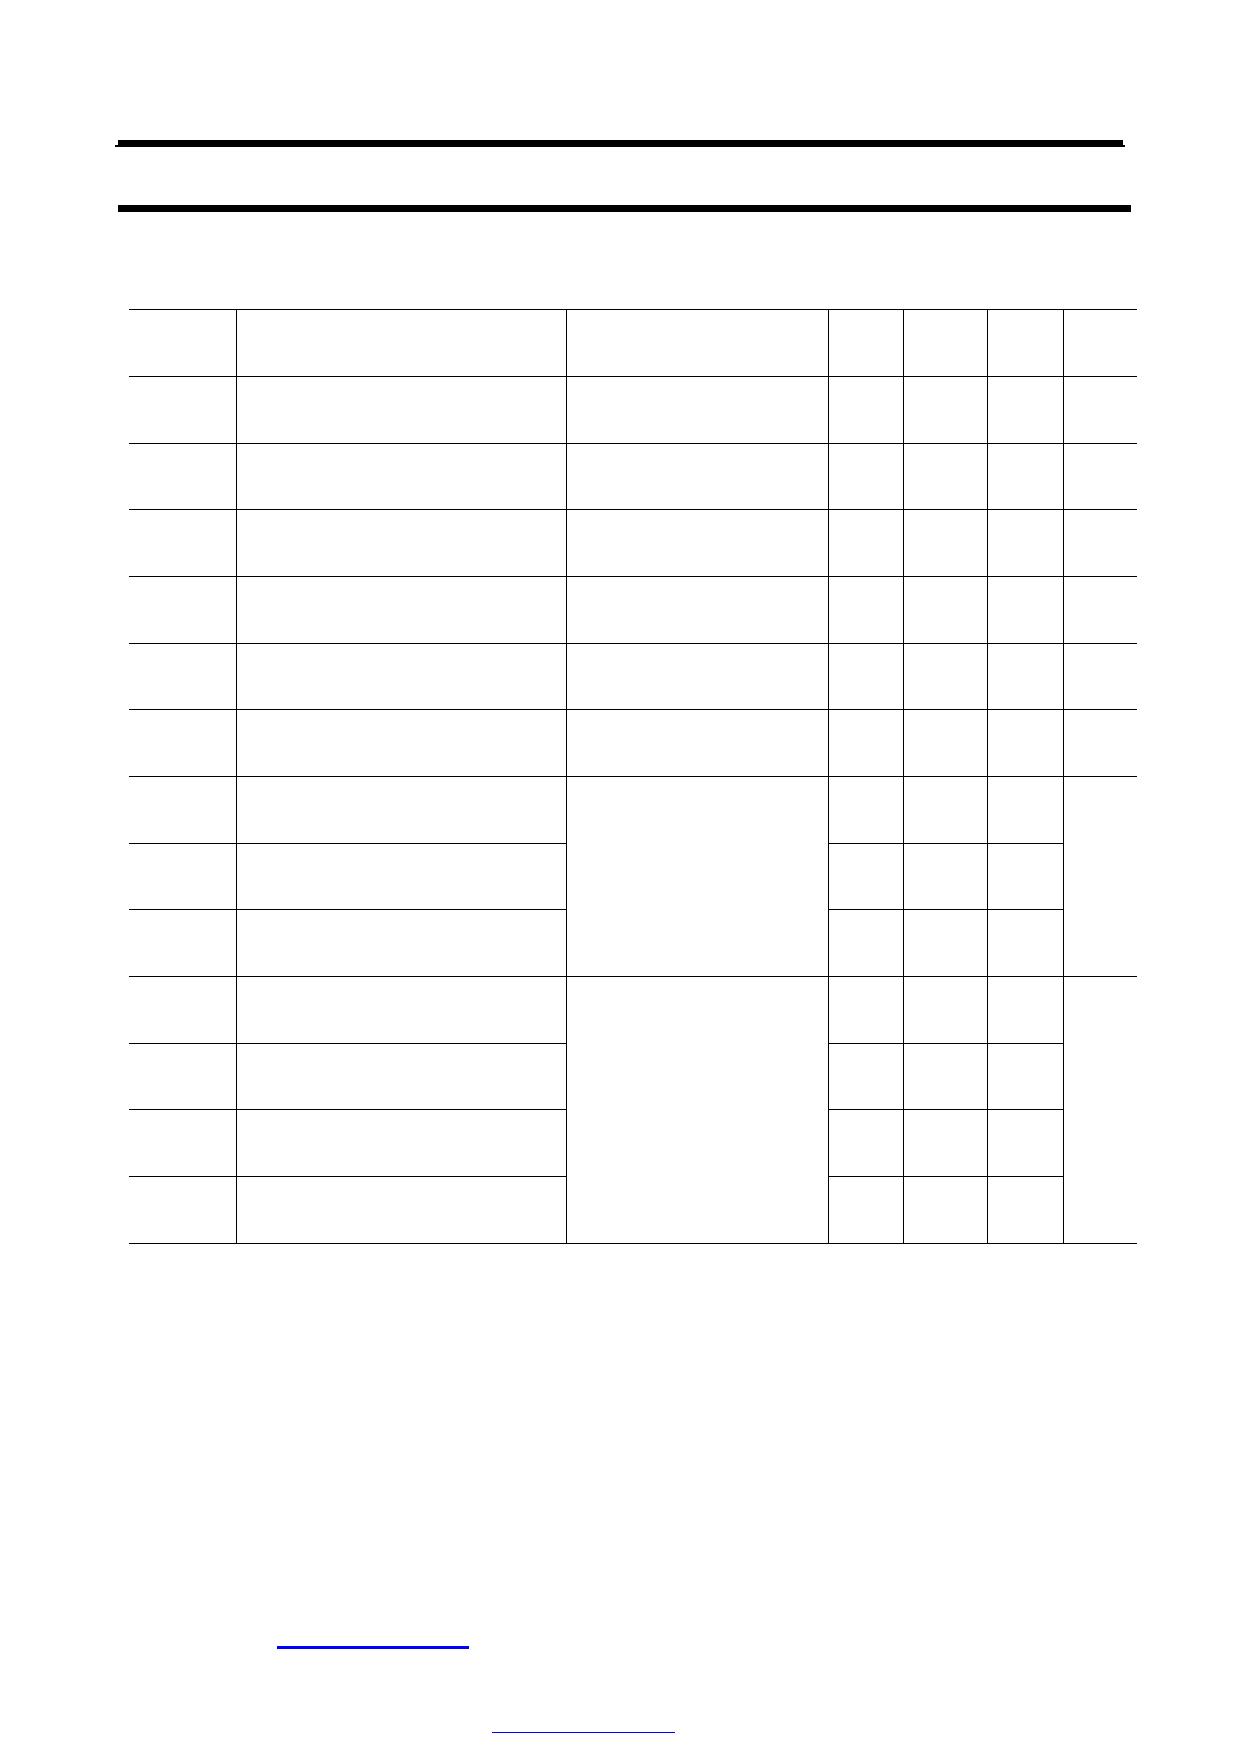 18N50 pdf schematic